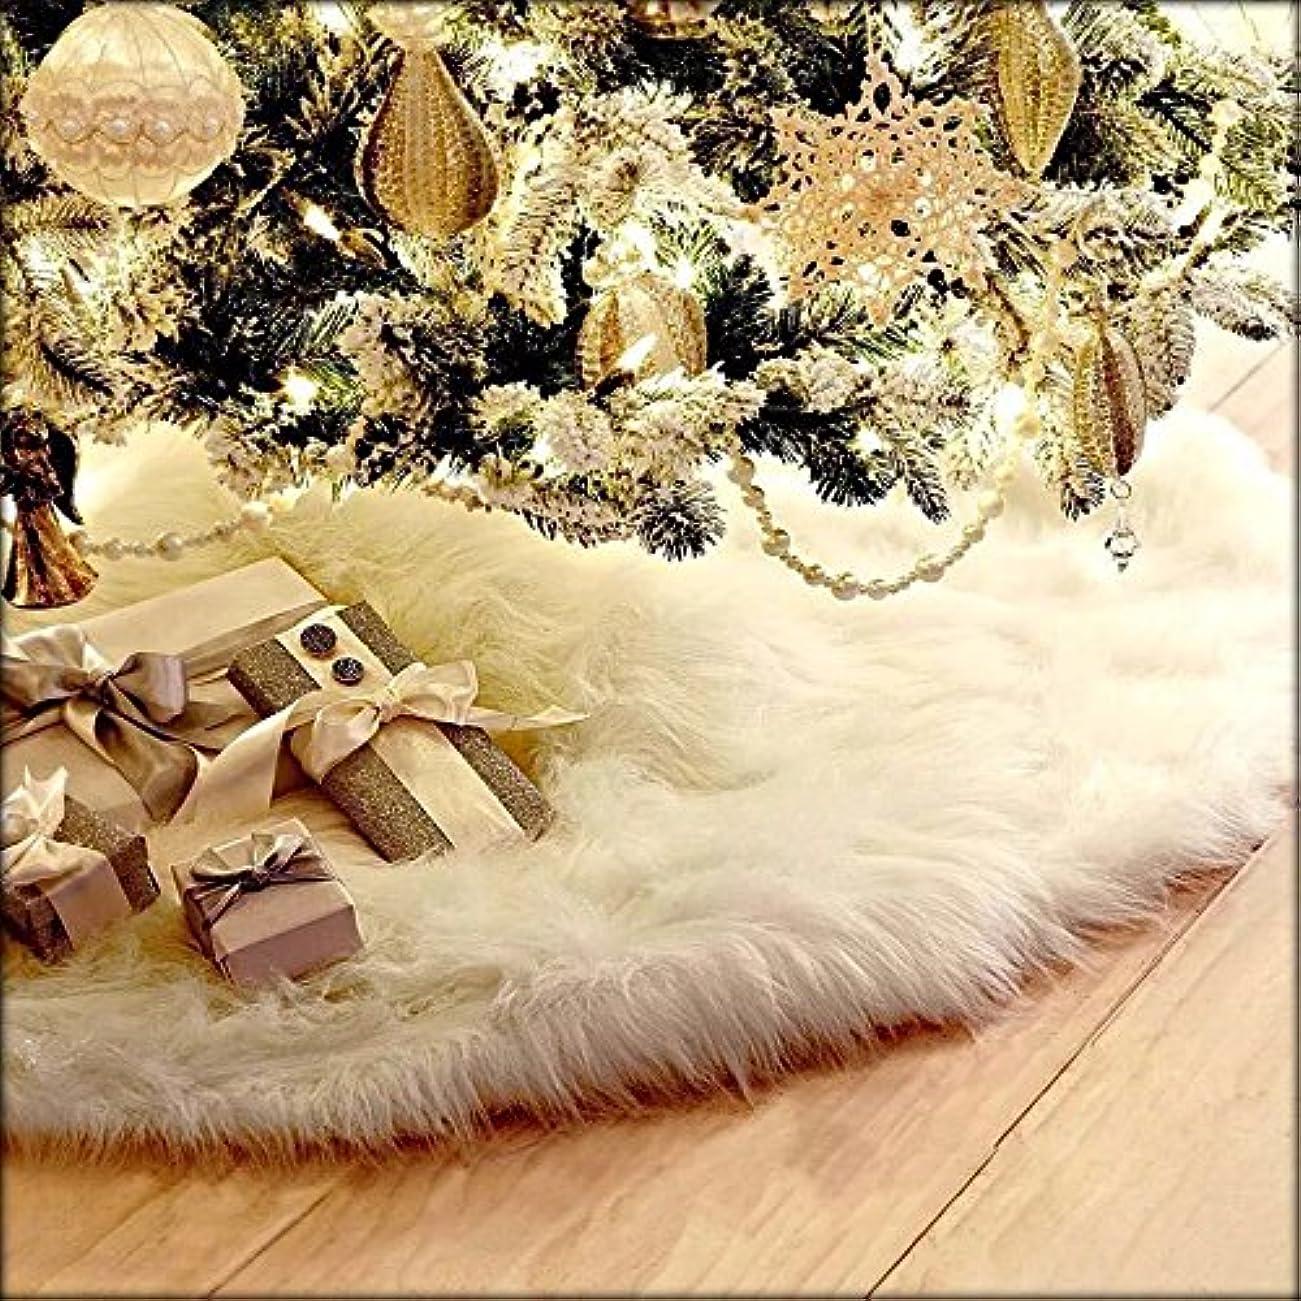 出費に対応するフェッチHonel クリスマスツリー スカート ホワイト サンタクロースツリースカート クリスマス飾り クリスマス用品 クリスマスを盛り上げます ふわふわ 可愛いデザイン 円形ツリースカート 直径 78cm